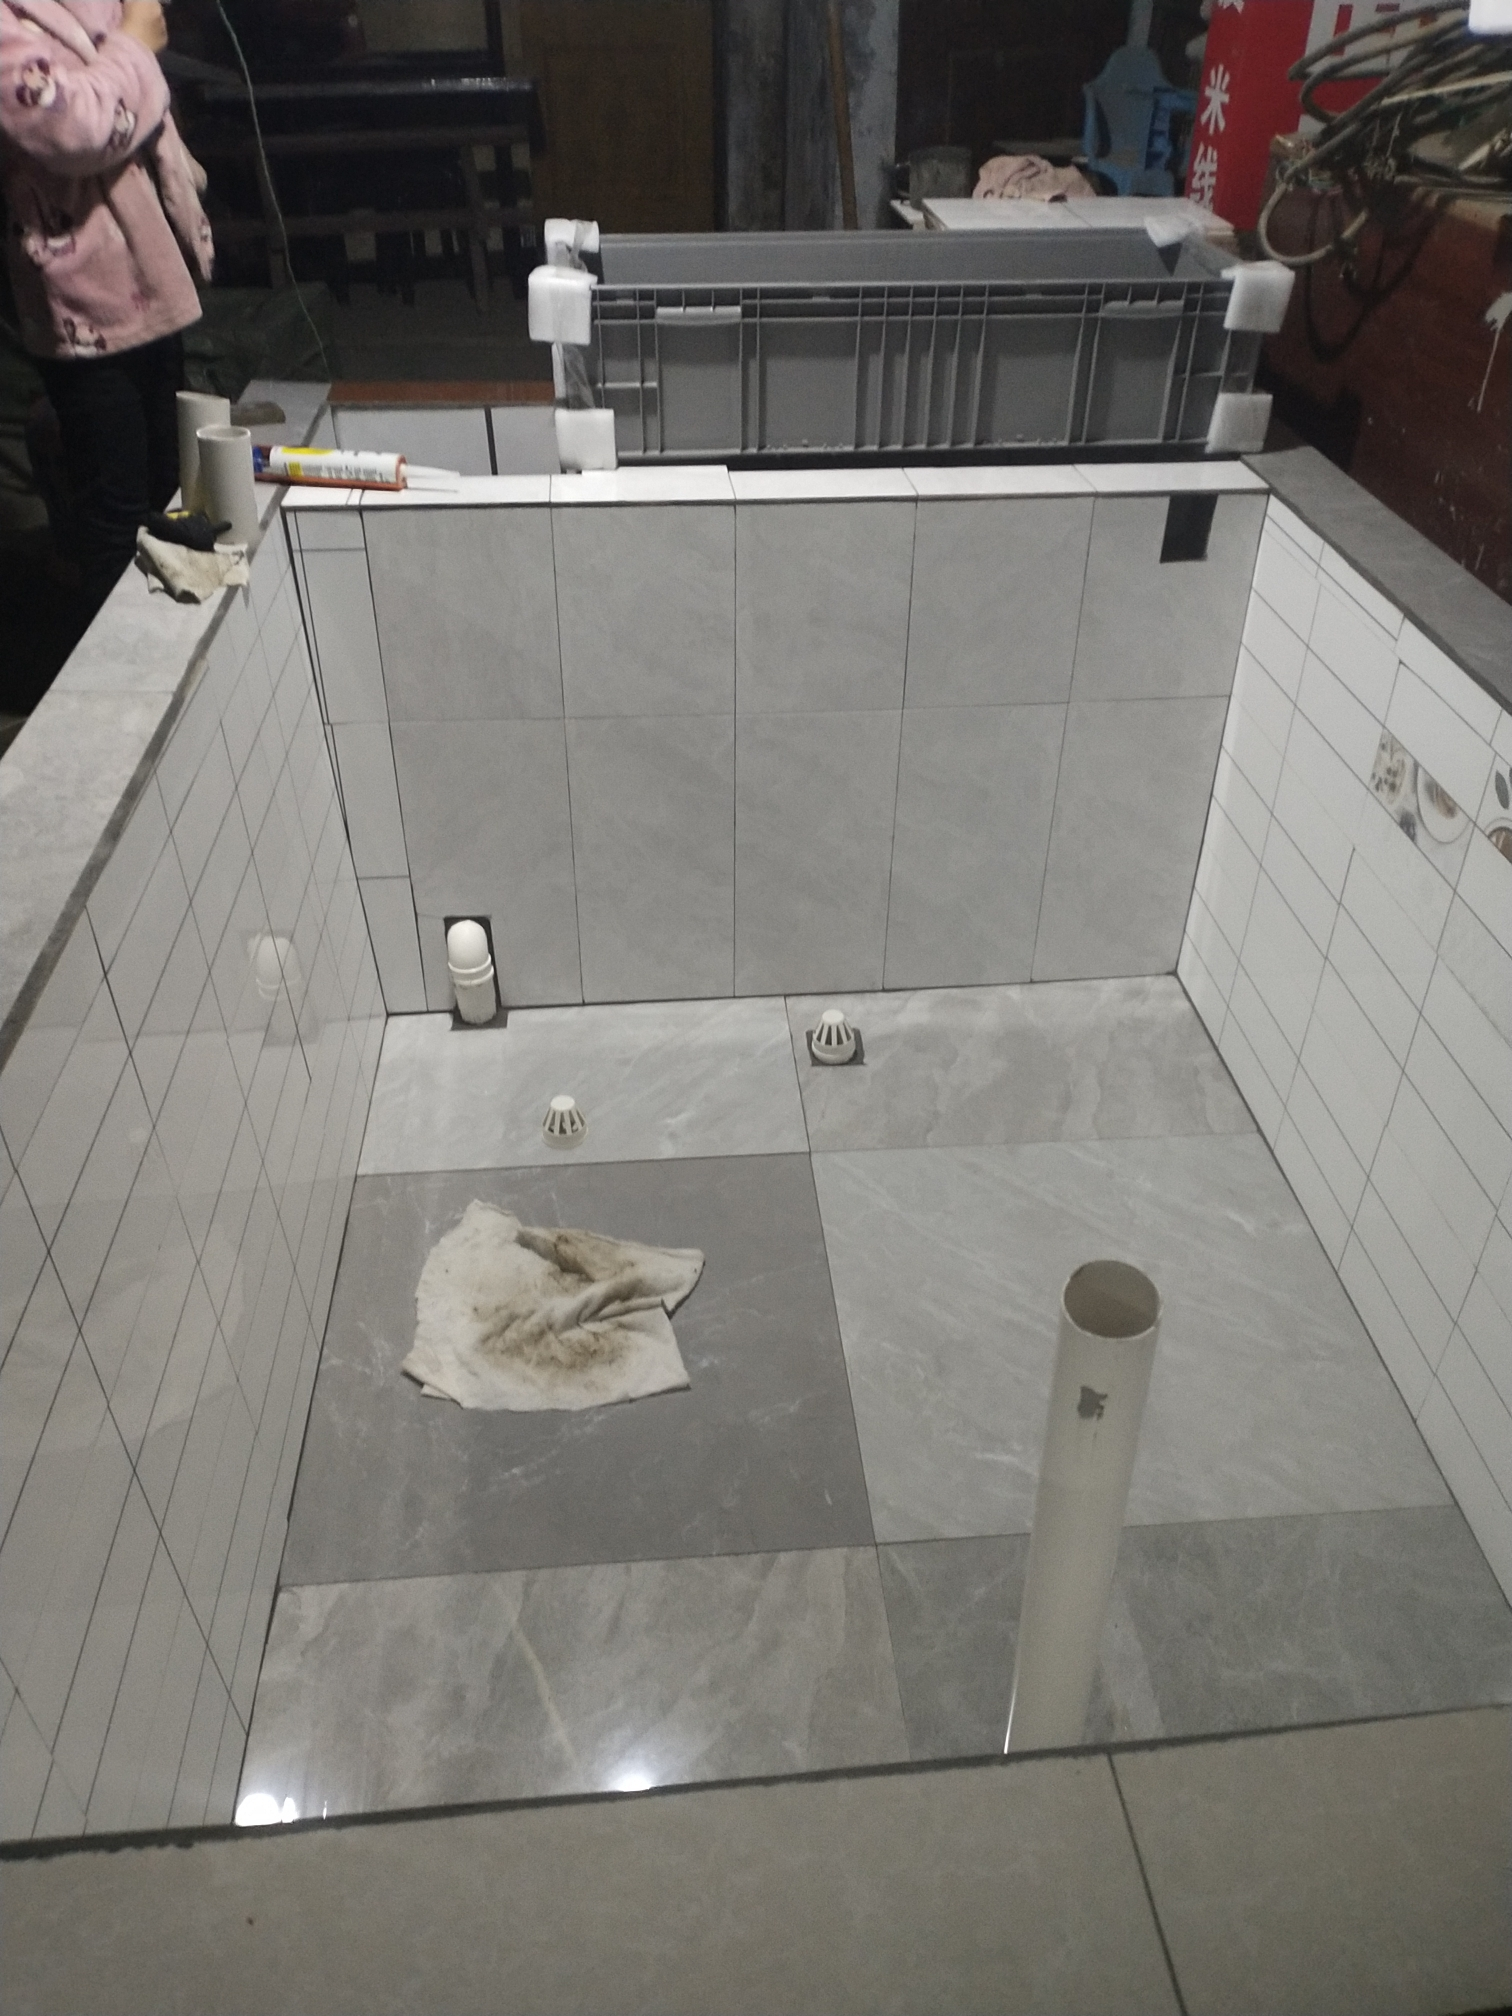 重庆哪个水族店卖布隆迪六间锦鲤鱼池做好了 重庆龙鱼论坛 重庆水族批发市场第2张